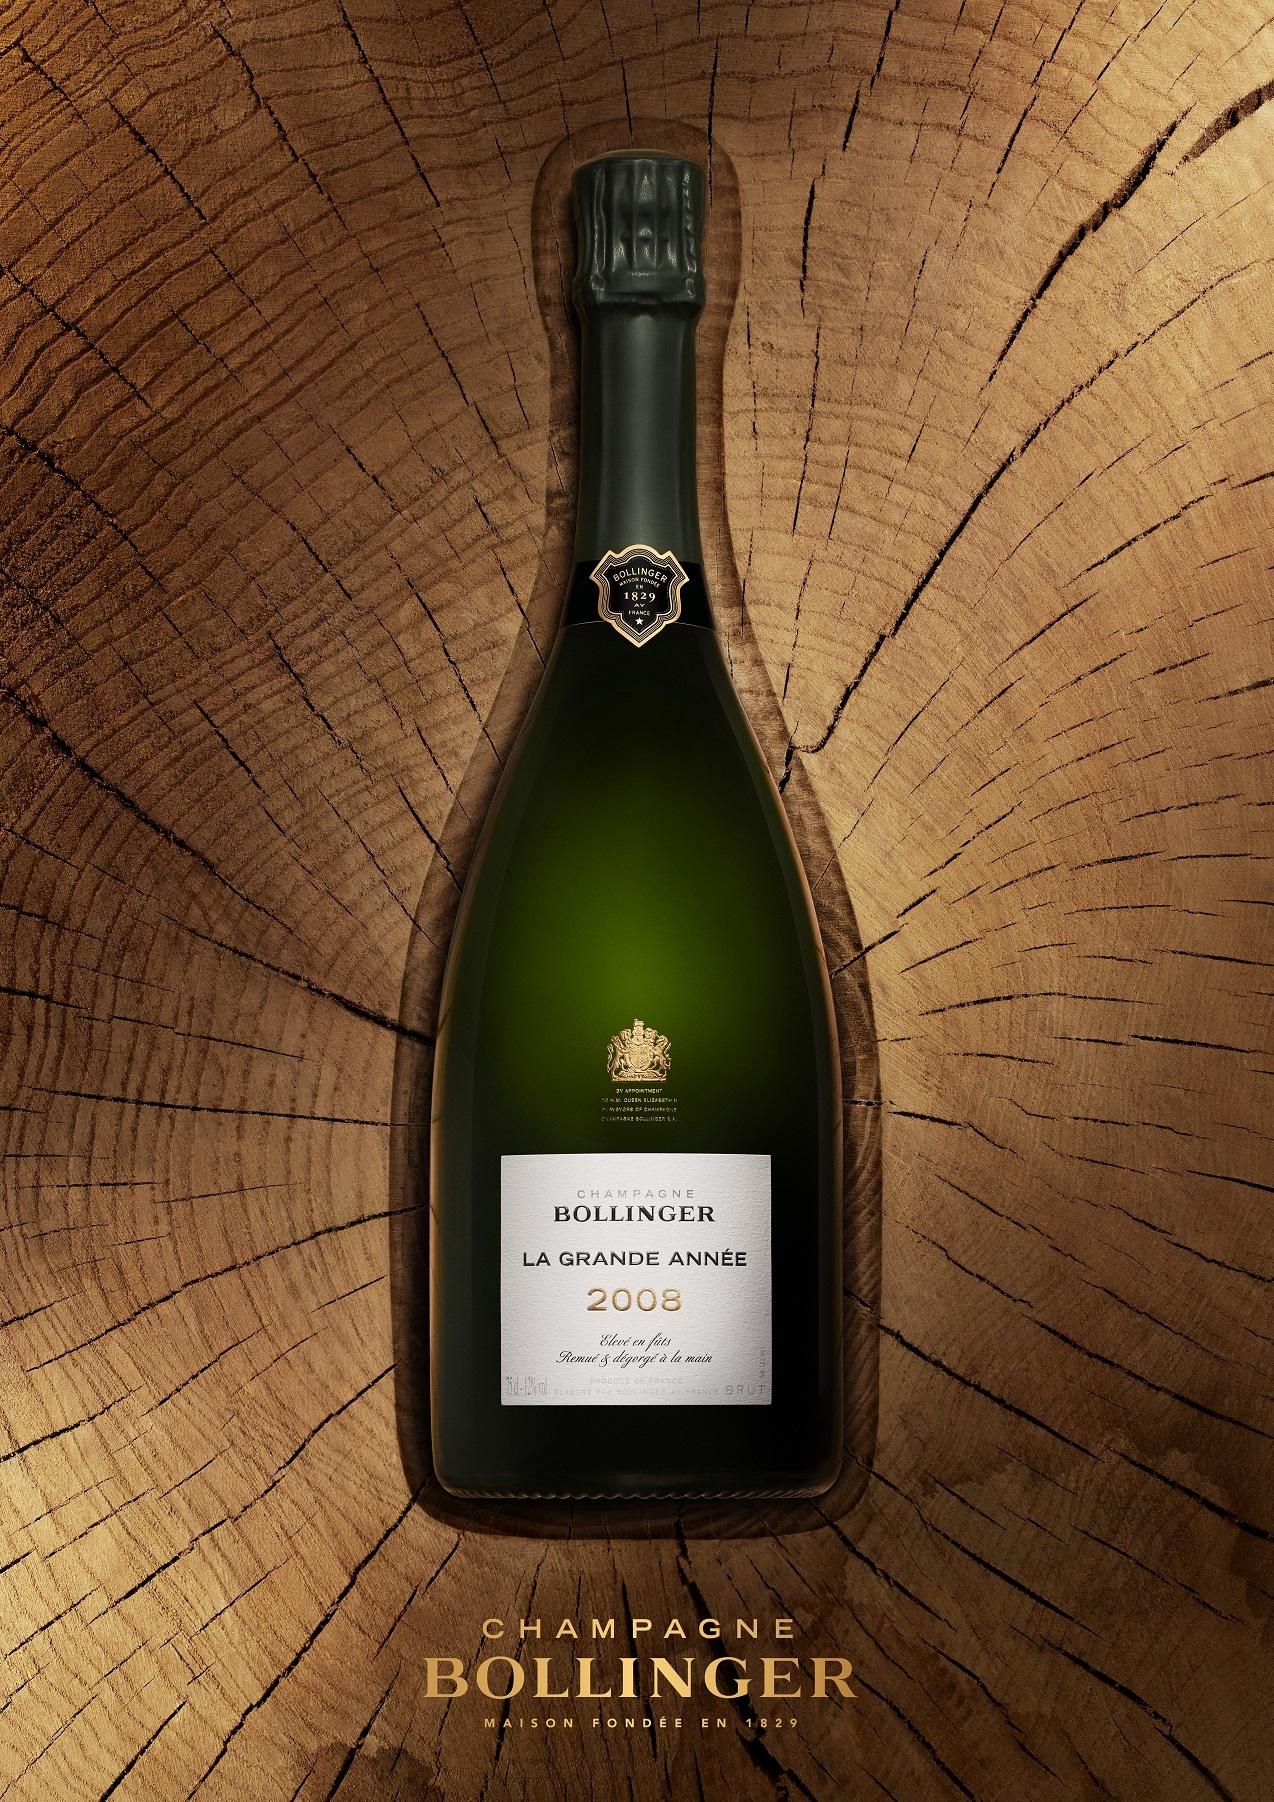 特別な日は、傑出の「ボランジェ 2008」で乾杯!【飲むんだったら、イケてるワイン/特別編】_1_1